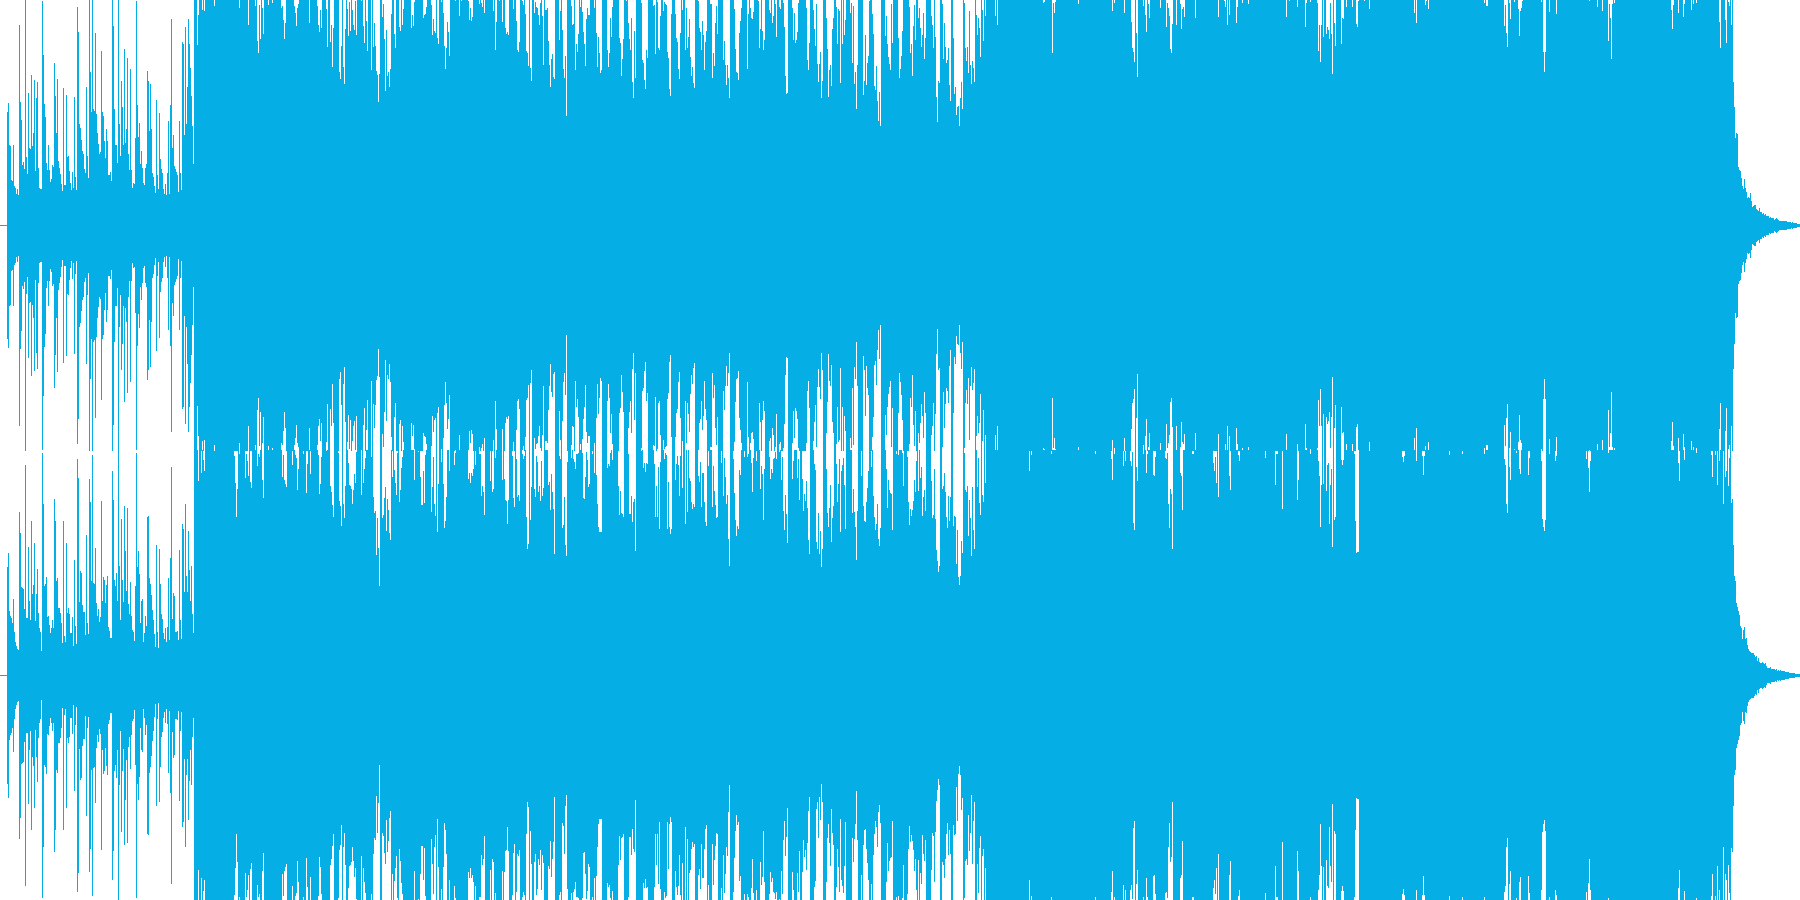 桃太郎の鬼ヶ島の戦闘シーン ハイテンポの再生済みの波形